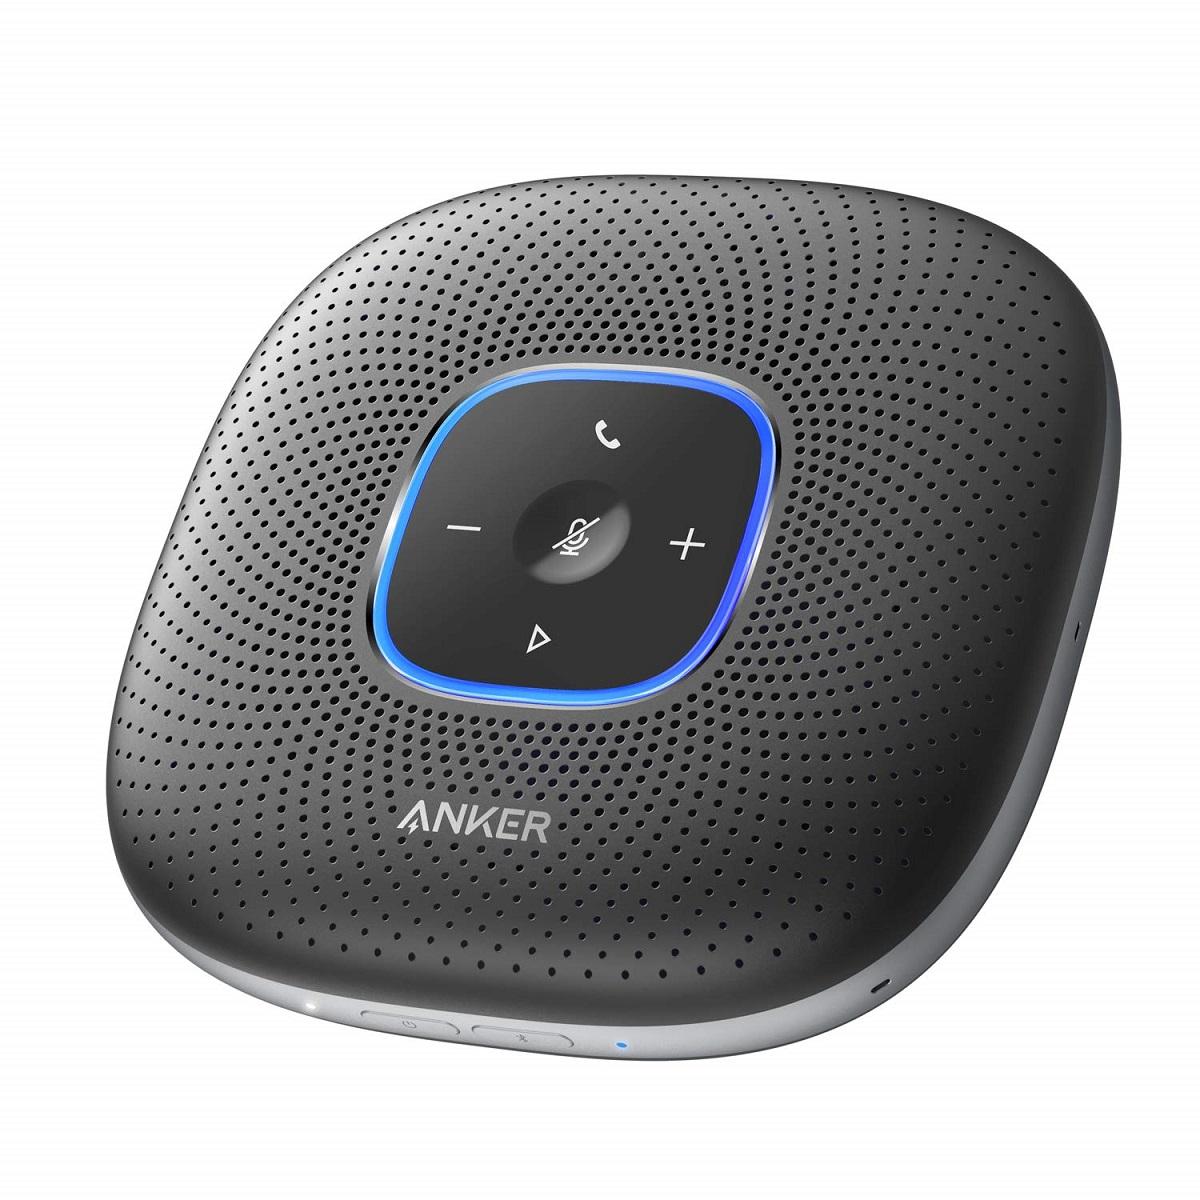 スピーカー anker ブルートゥース スマートフォン ショップ ワイヤレス テレワーク 在宅勤務 Anker PowerConf 会議用 Bluetooth スピーカーフォン ノイズキャンセリング 全指向性マイク 大容量バッテリー 新品未使用正規品 エコーキャンセリング Zoom PowerIQ 24時間連続使用 対応 など対応 Skype USB-C接続